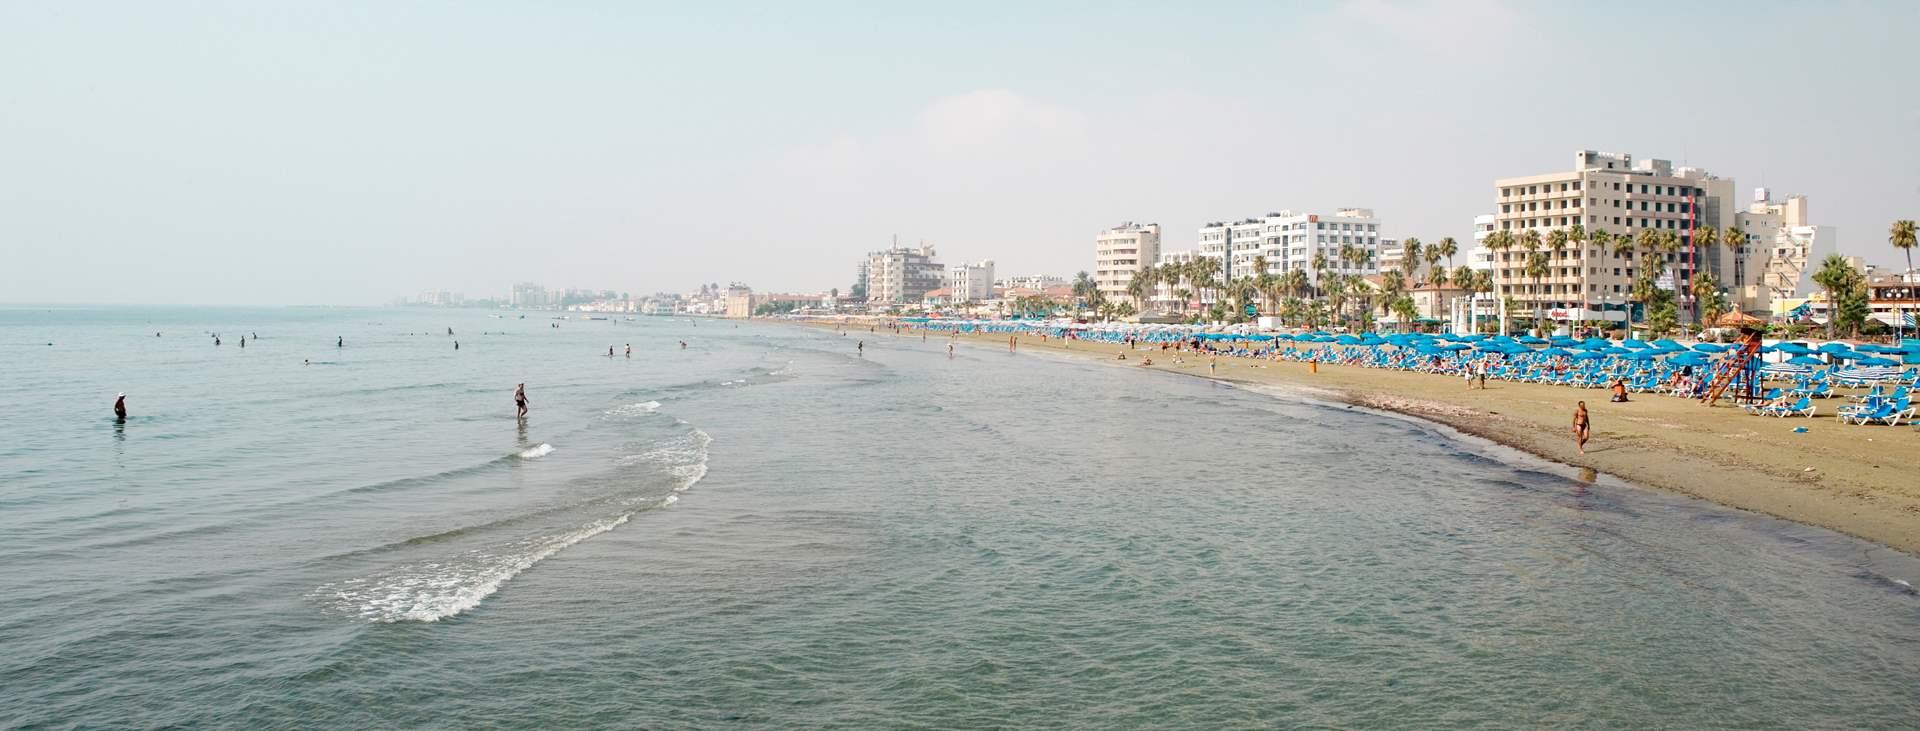 Bestill en reise til Larnaca på Kypros med Ving